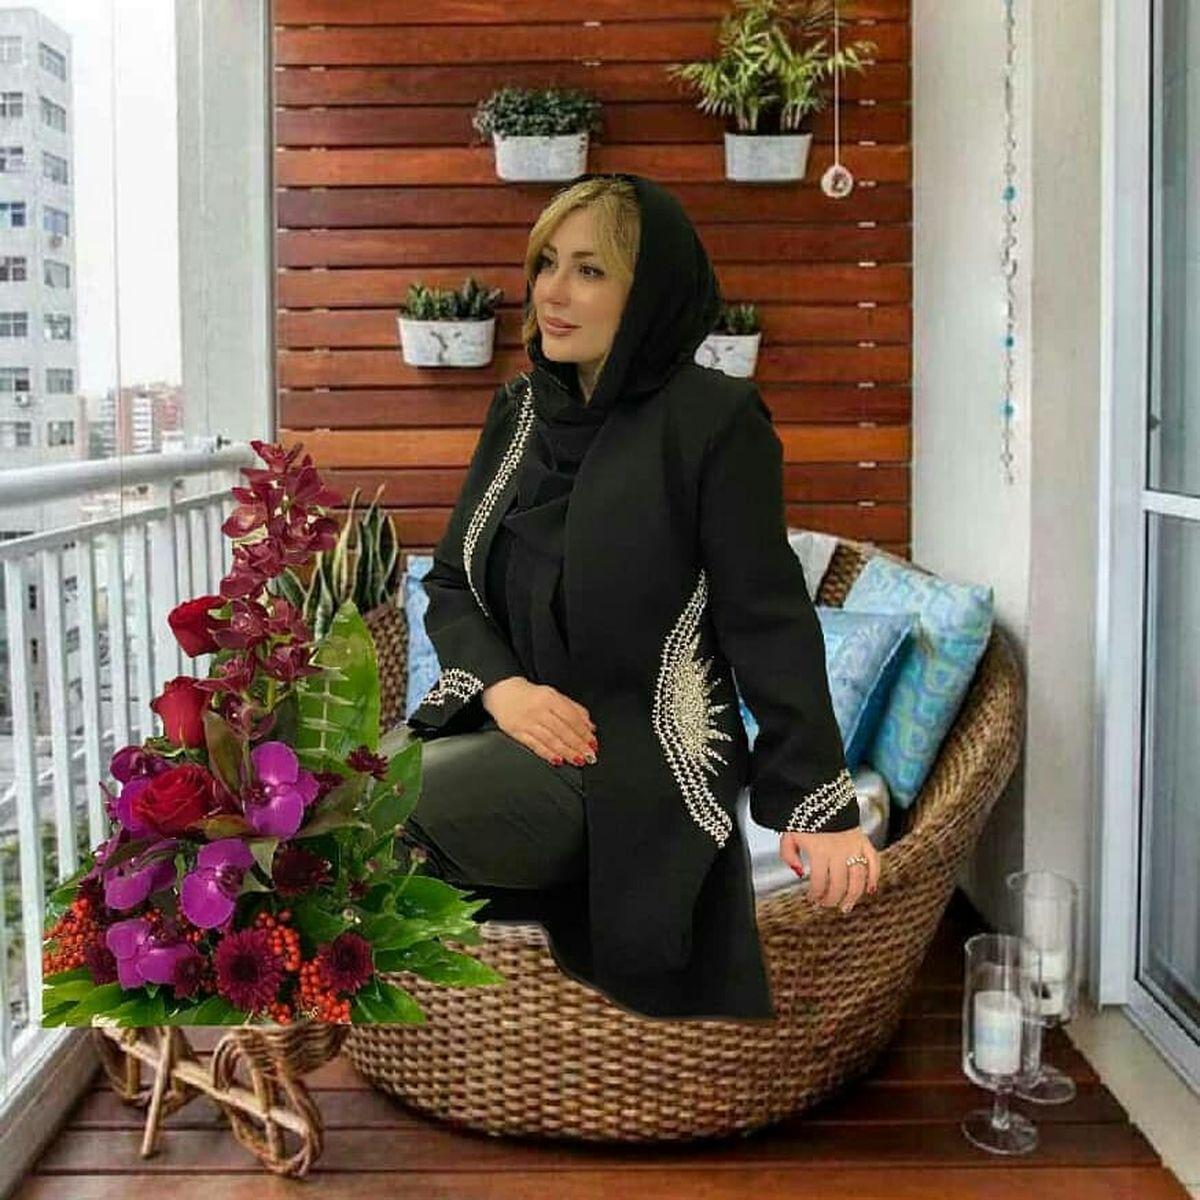 نیوشا ضیغمی در بالکن خانه اش+عکس